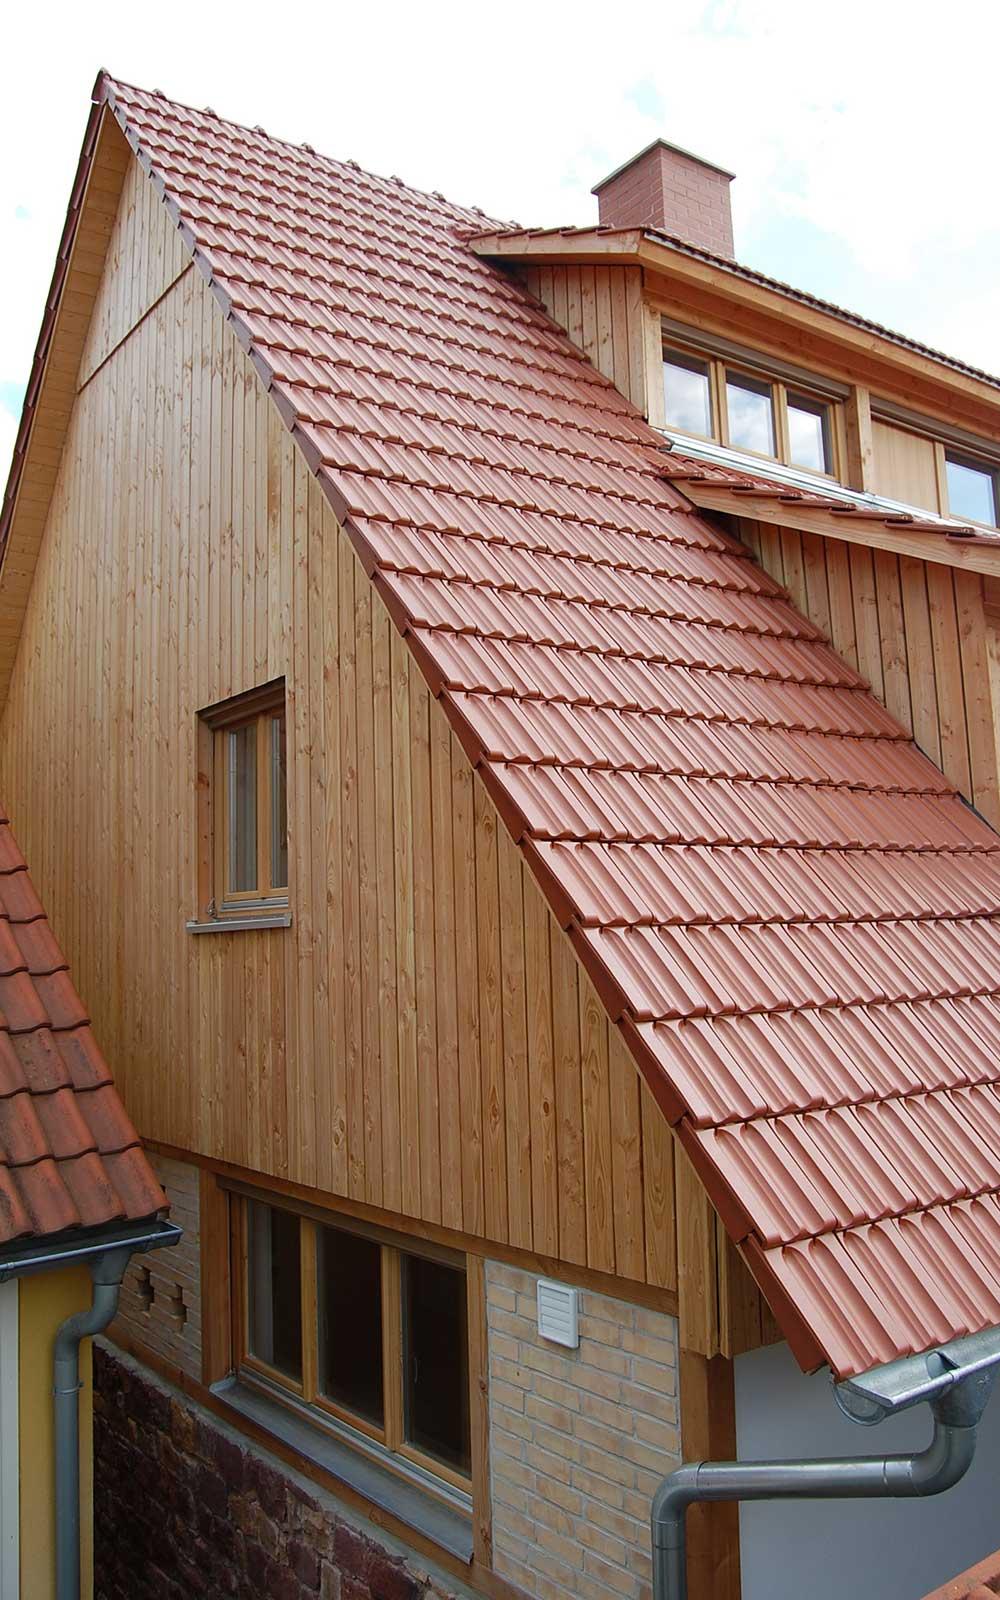 Scheunenausbau in Heidelberg Handschuhsheim, Architekturbüro: Kochhan und Weckbach